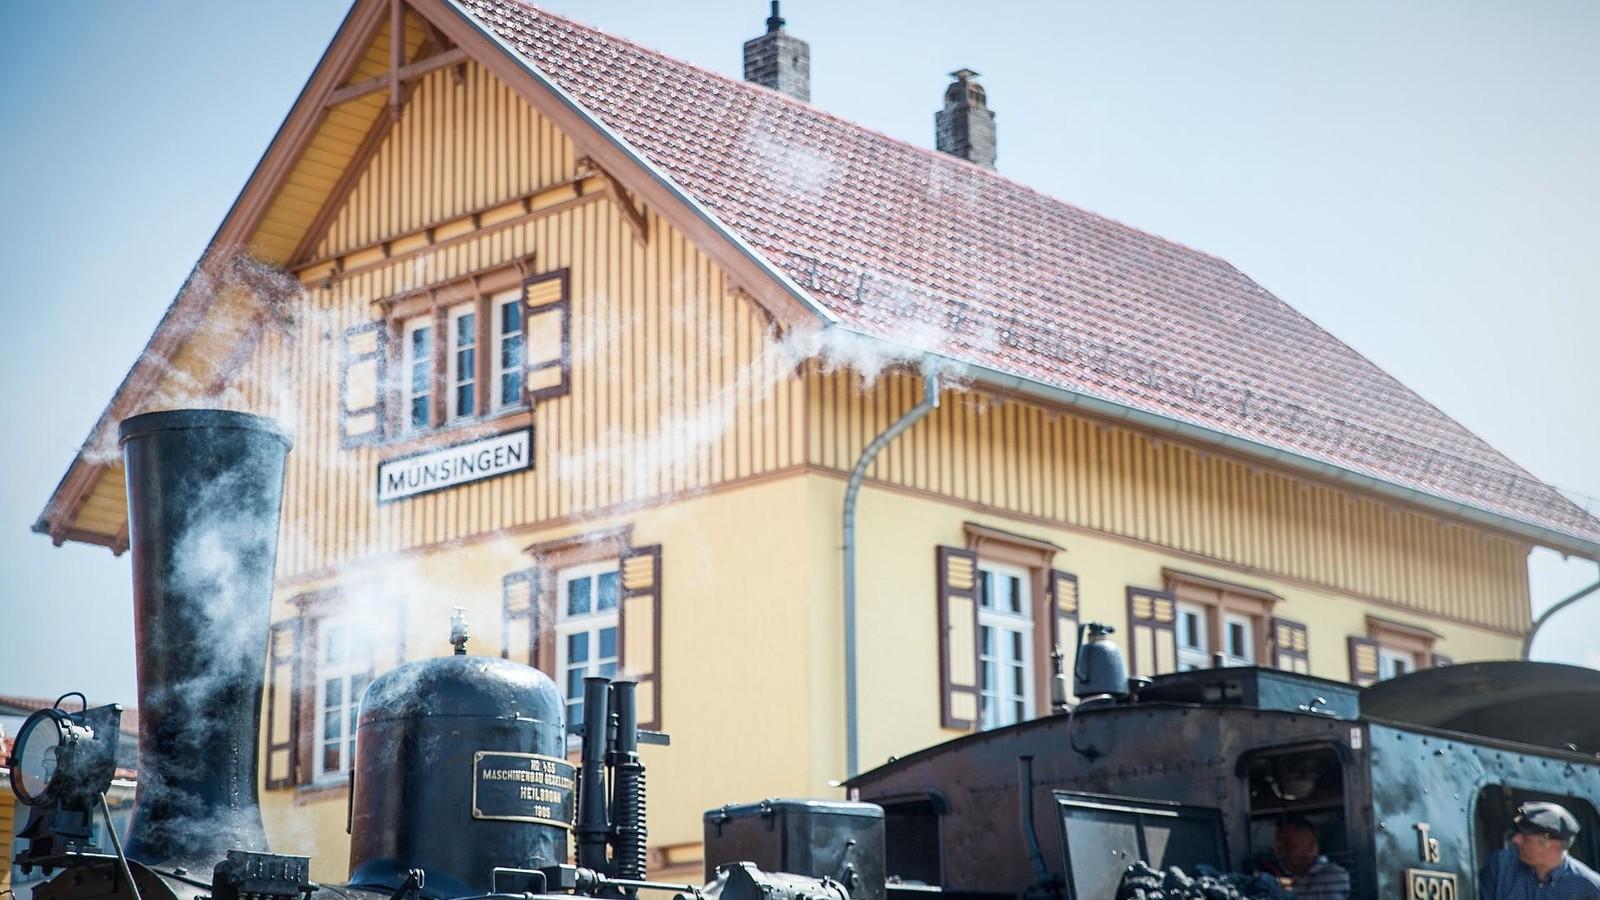 Eine historische Dampflok steht vor einem gelben historischen Gebäude mit dem Schild Münsingen. Aus dem Kamin kommt Dampf. Zwei Personen sind in der Lokführer-Kabine.